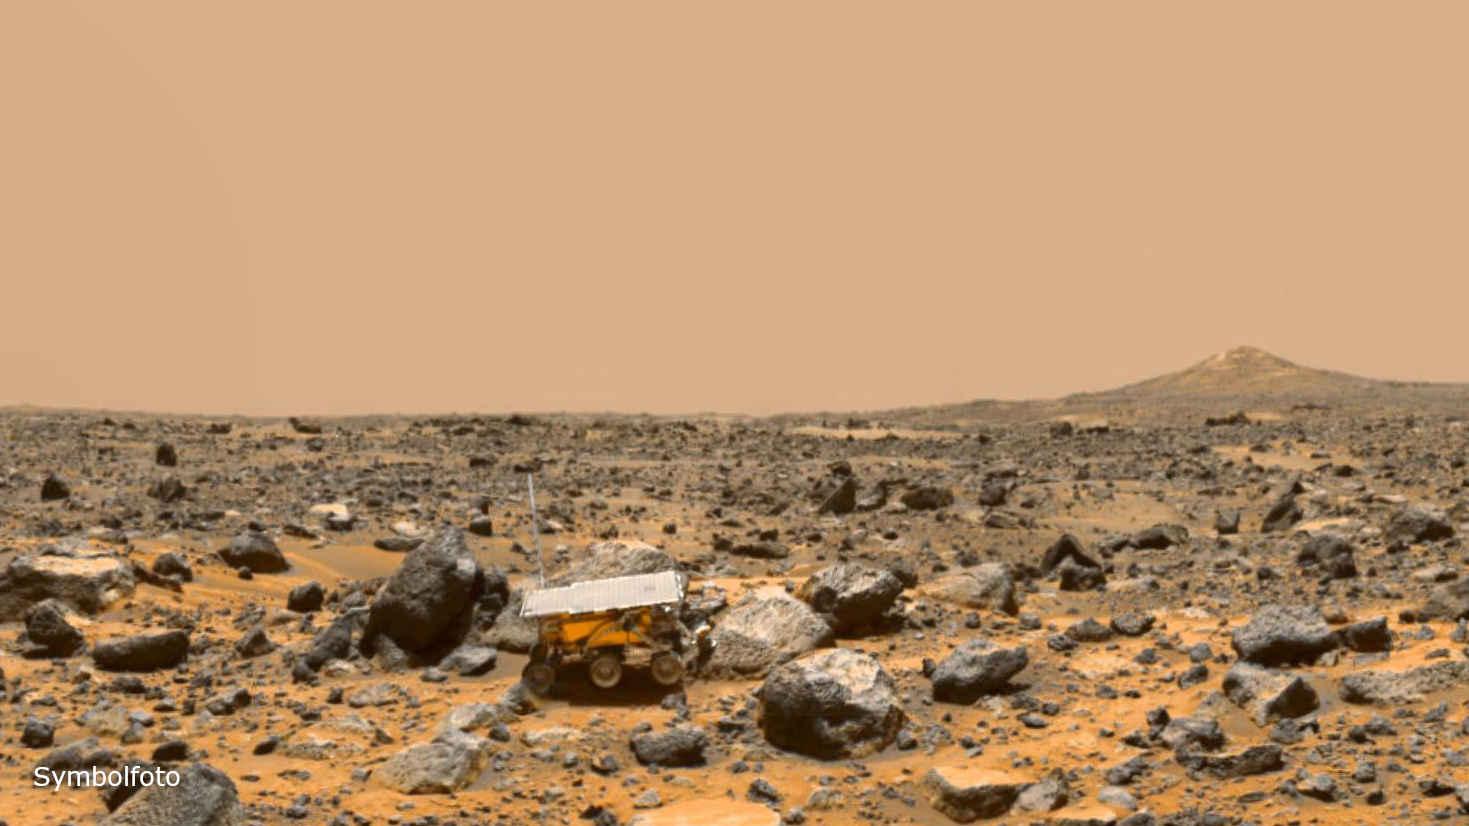 Der Pathfinder der NASA auf der Mars-Oberfläche.